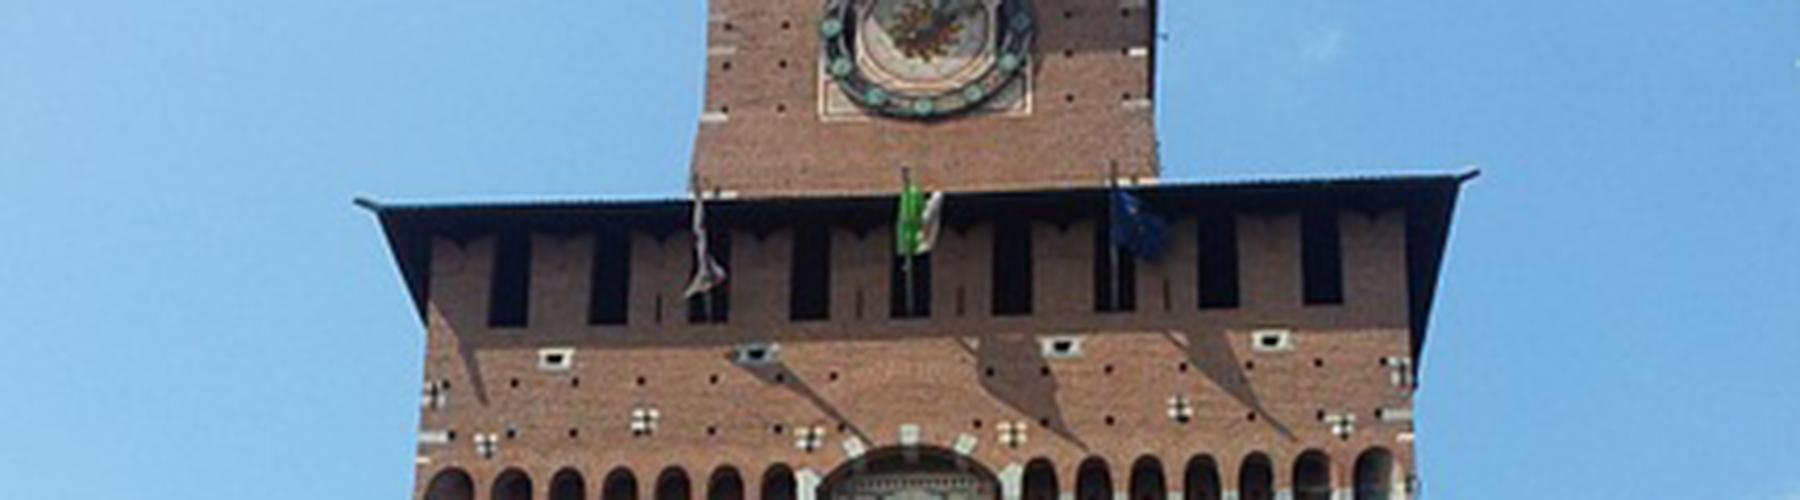 밀라노 - 스포르체스코 성에 가까운 호스텔. 밀라노의 지도, 밀라노에 위치한 호스텔에 대한 사진 및 리뷰.